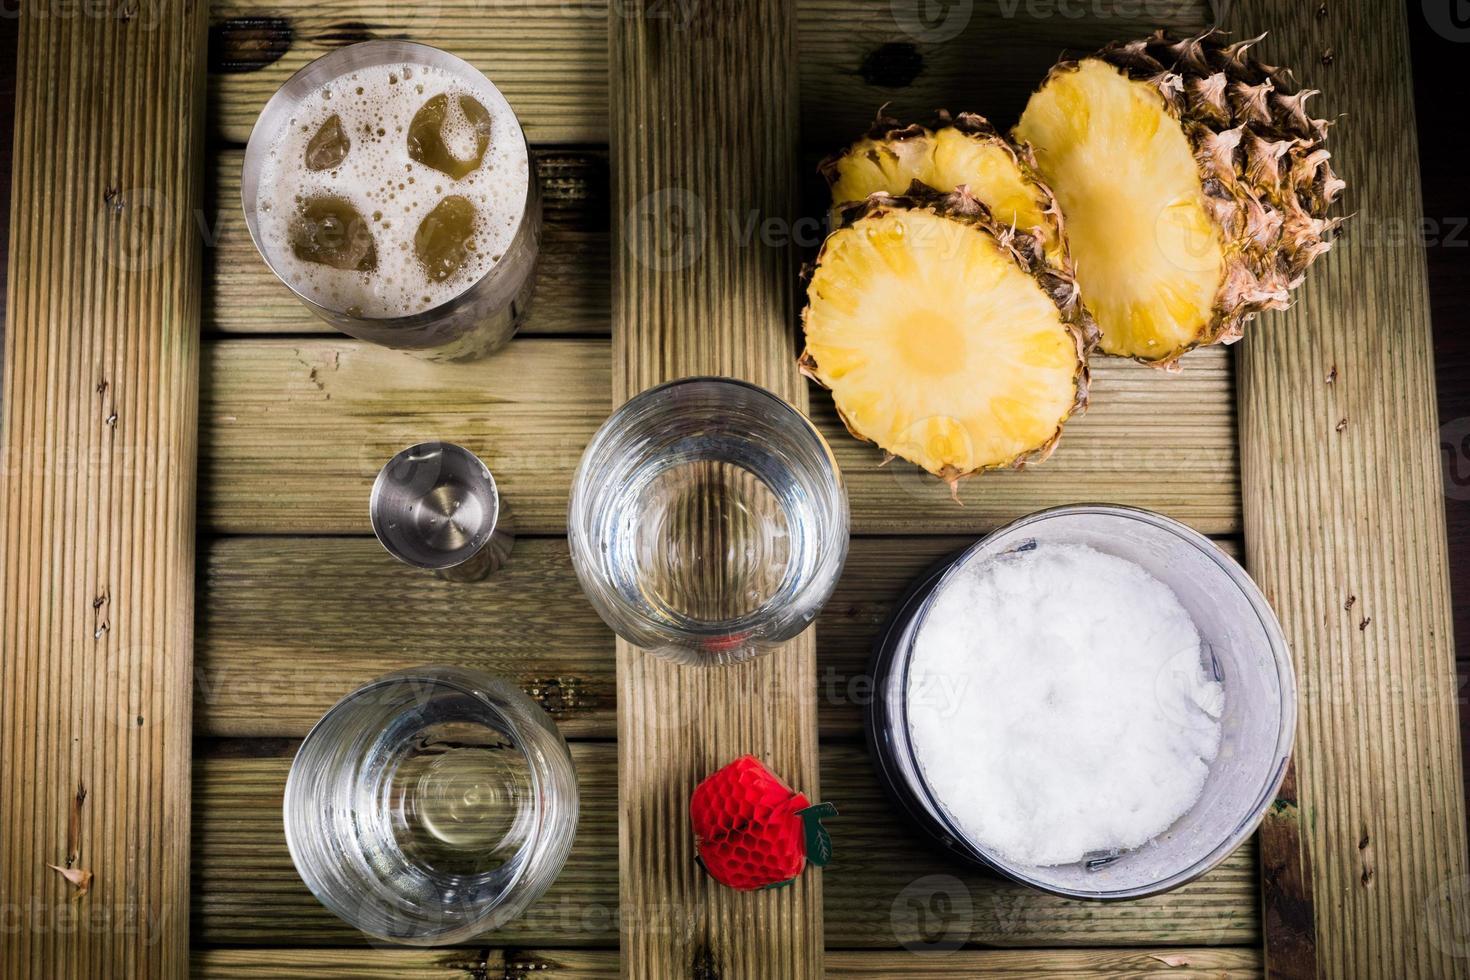 preparaciones de cócteles de piña colada foto